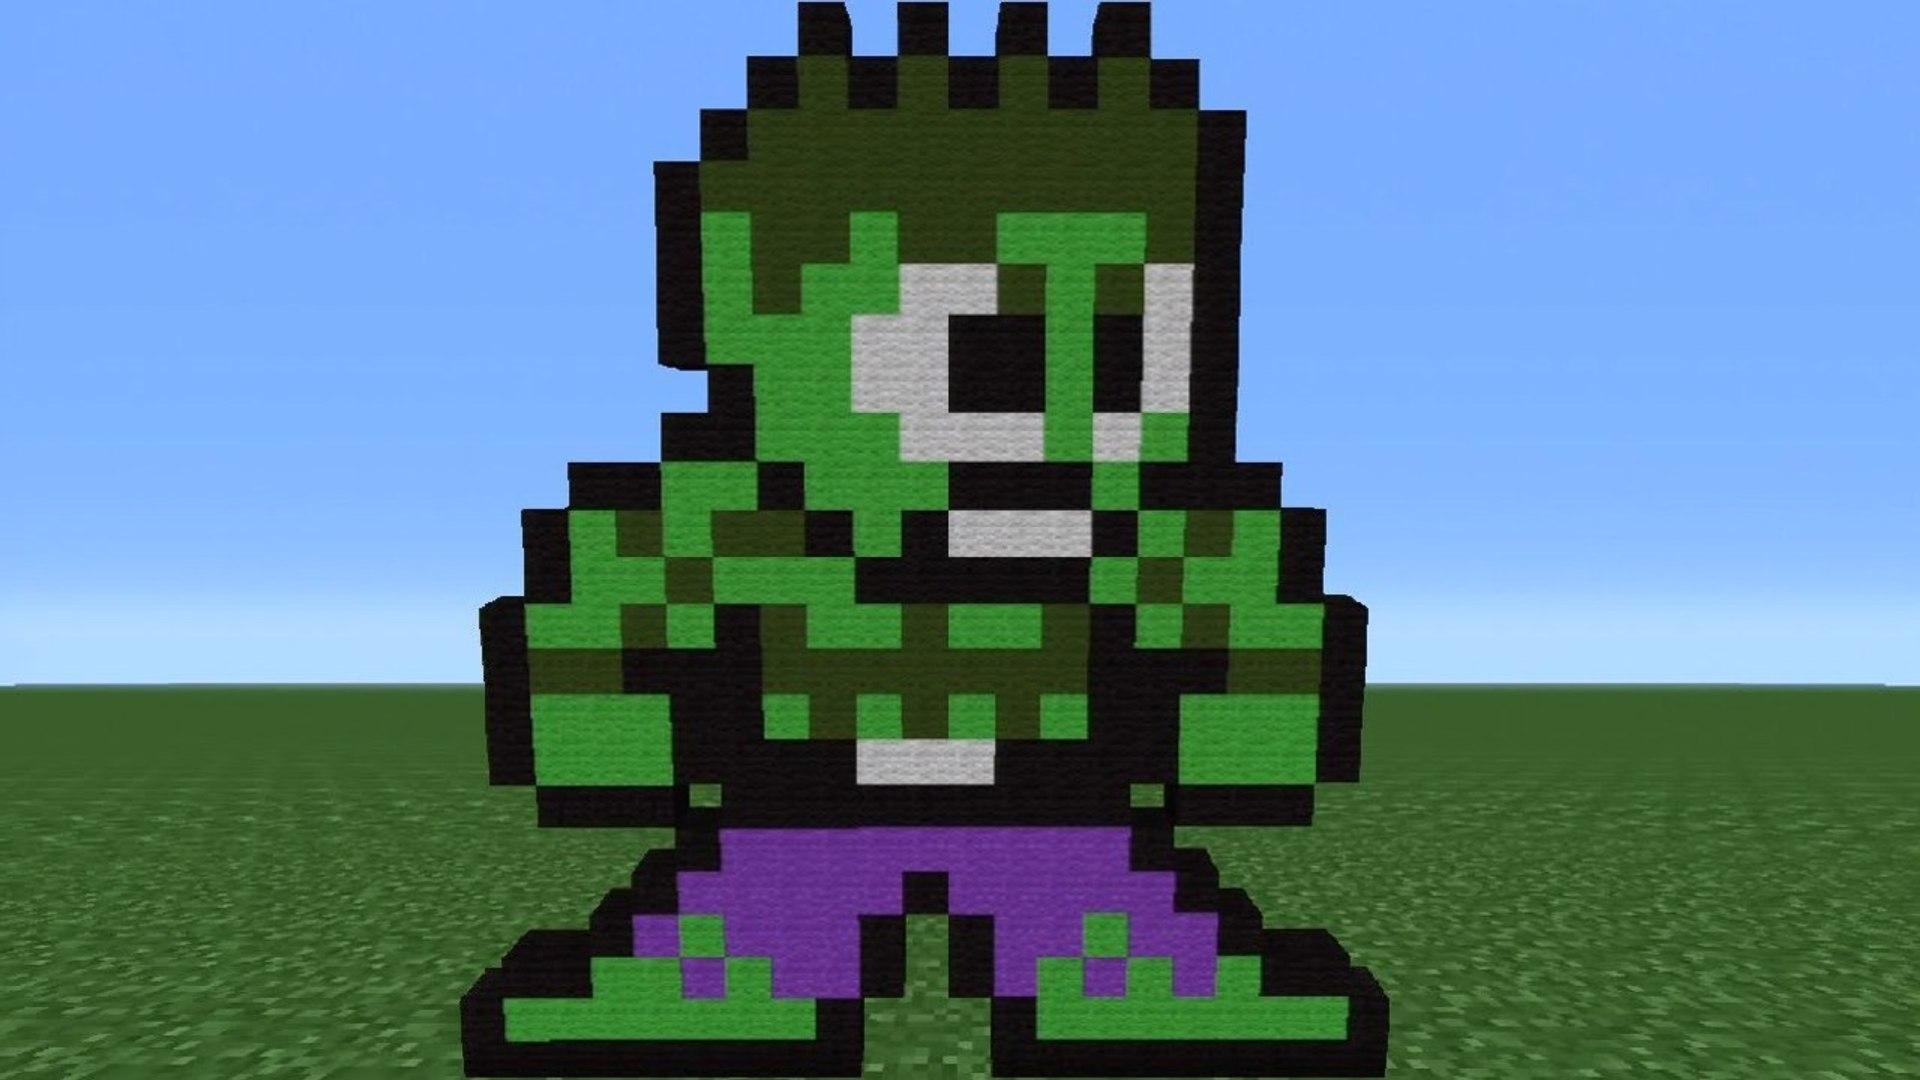 Minecraft Tutorial How To Make Hulk 8 Bit